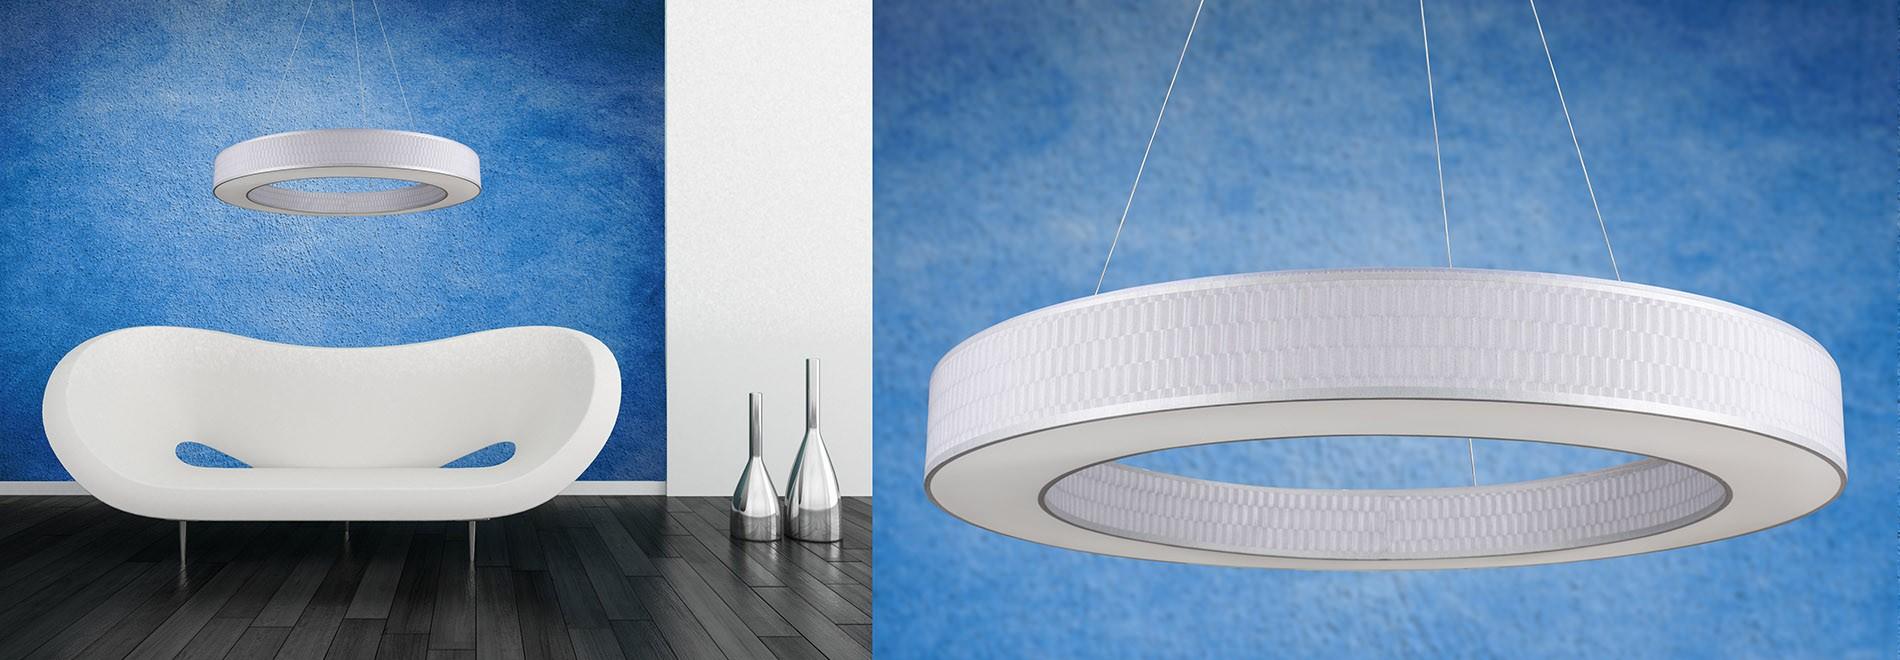 Żyrandol Tubus LED, abażur Piamonte Plomo